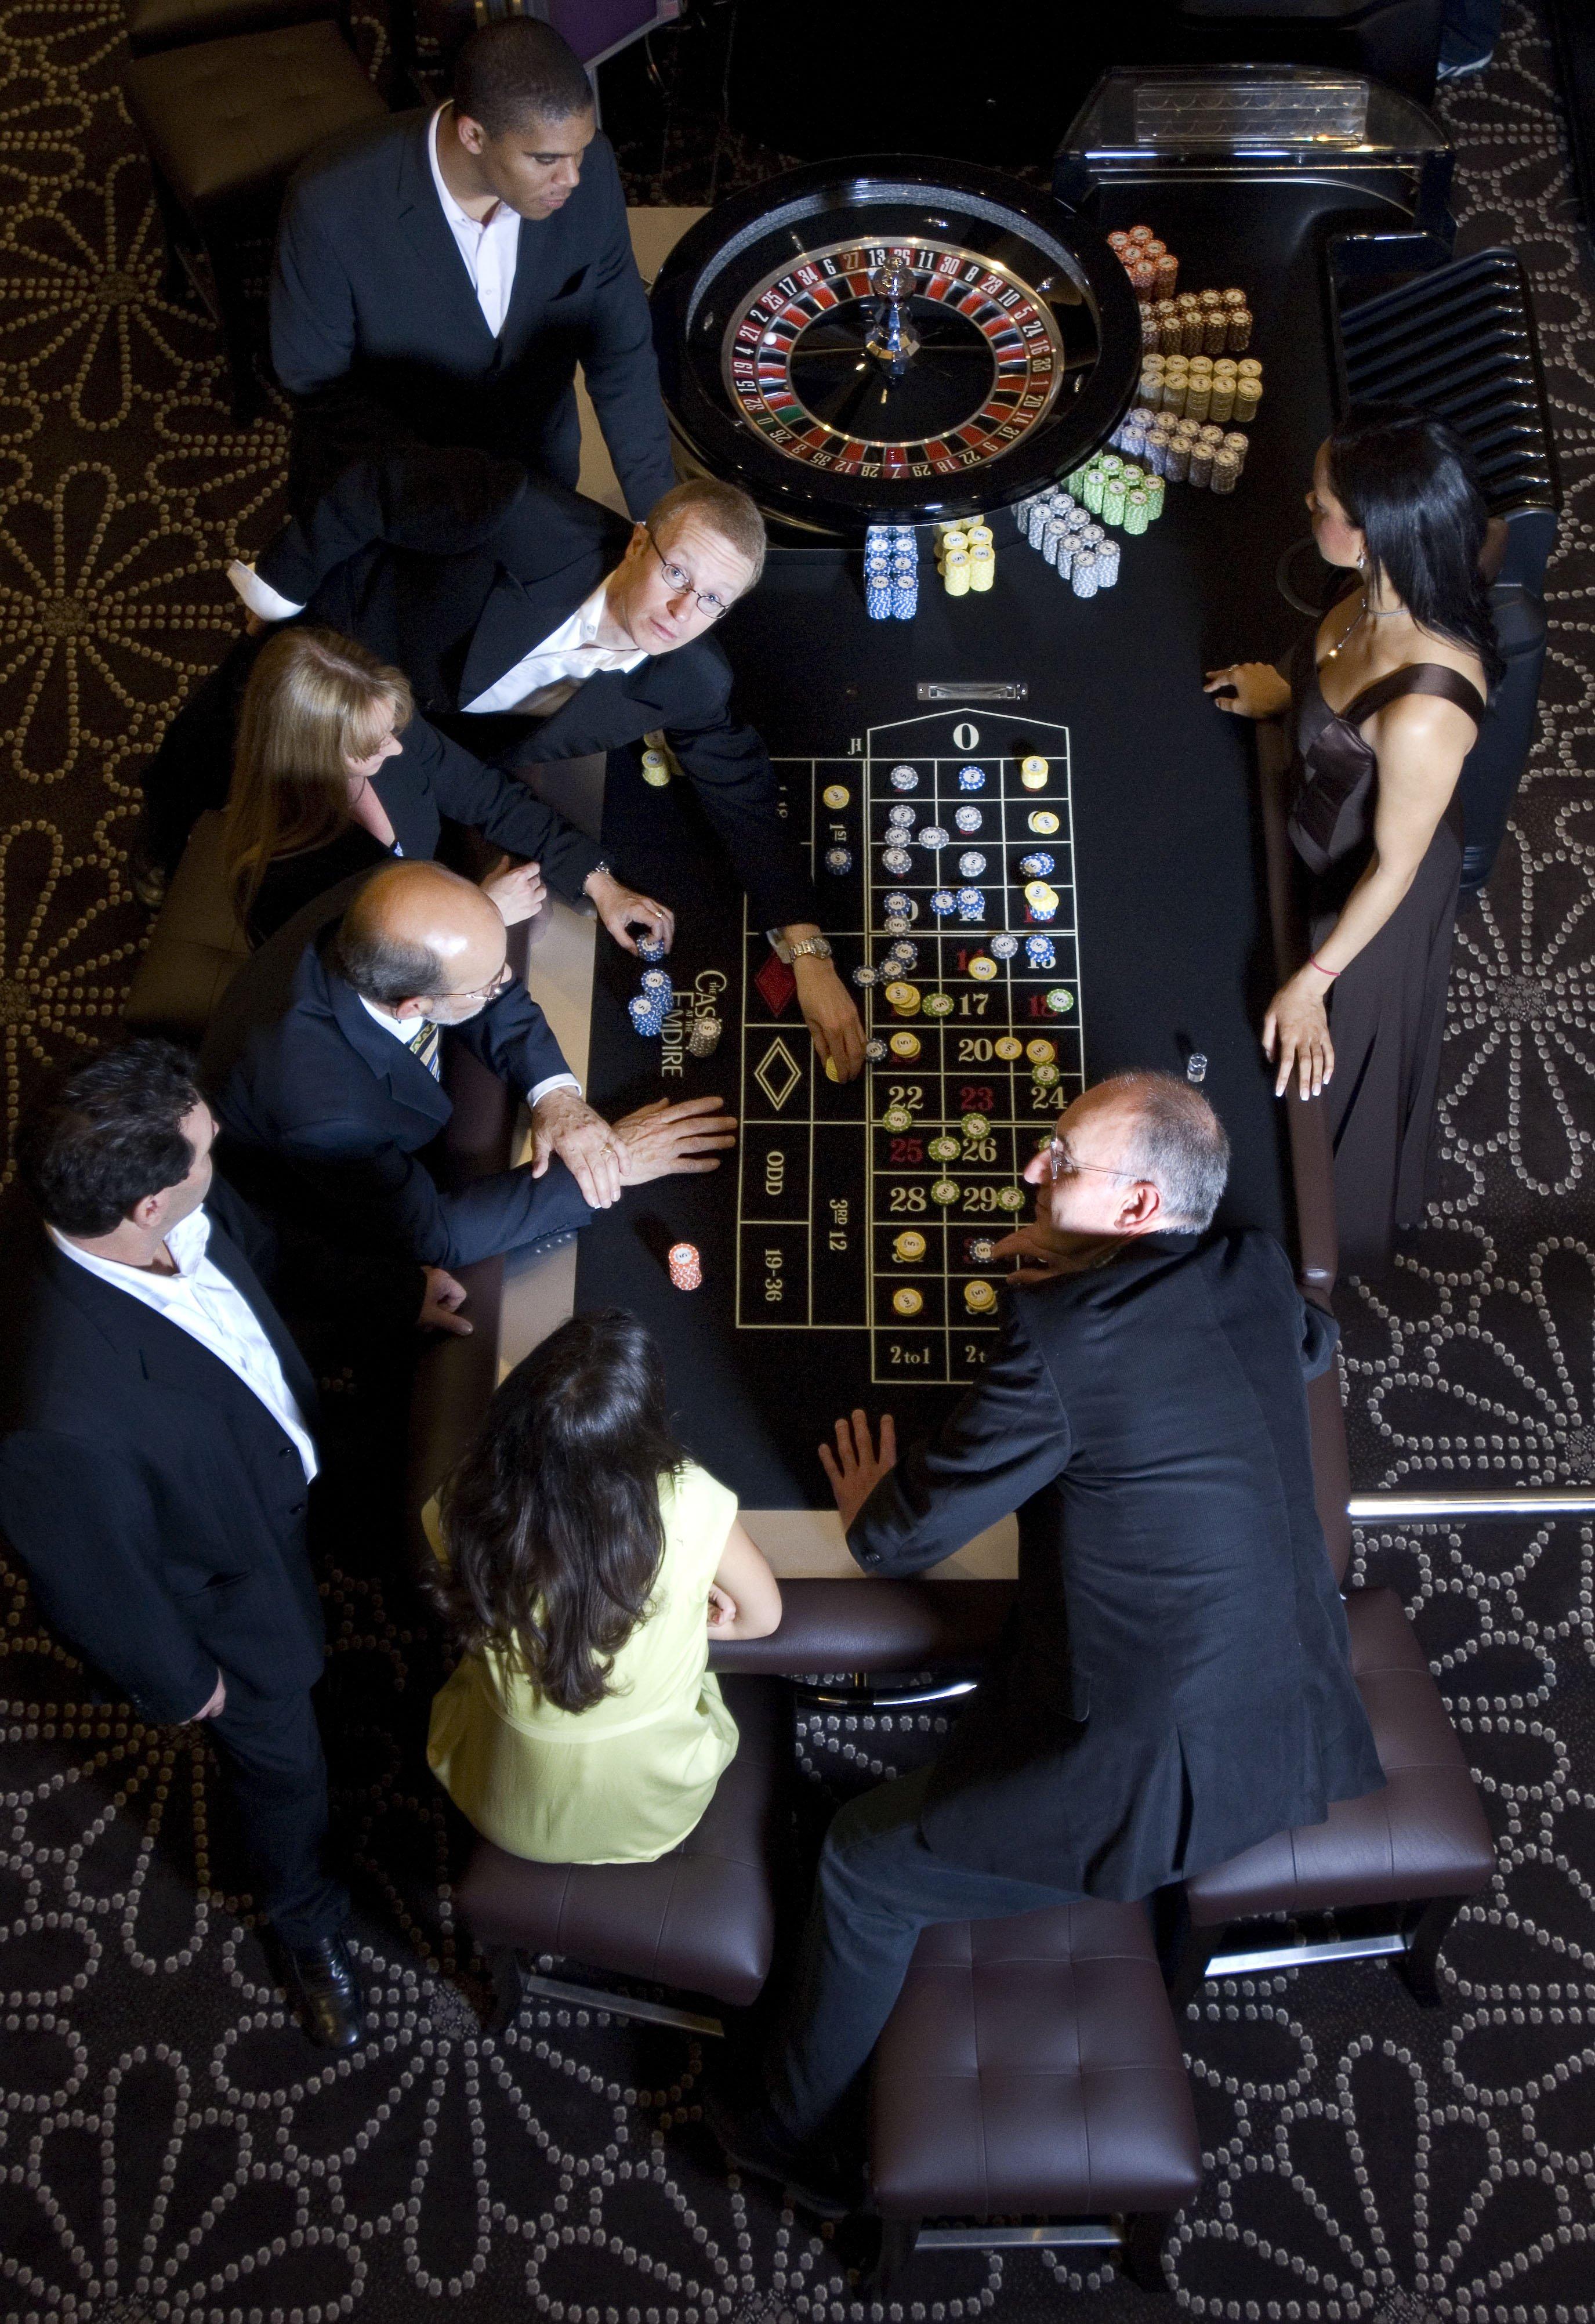 Surf casino bonus - 40770